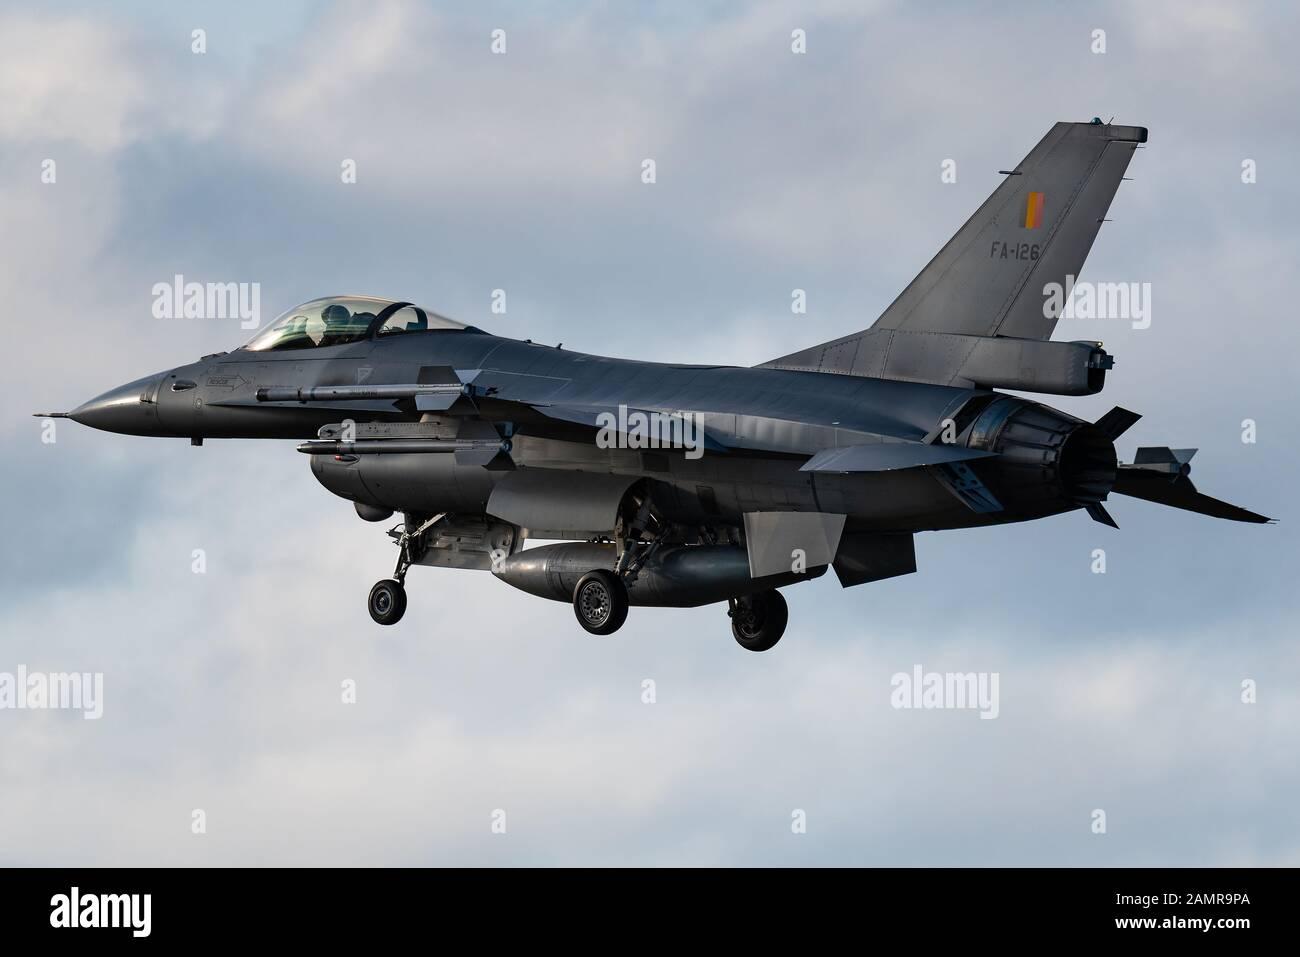 Un avion de chasse F16 Flight Falcon de General Dynamics de l'armée de l'air belge. Banque D'Images